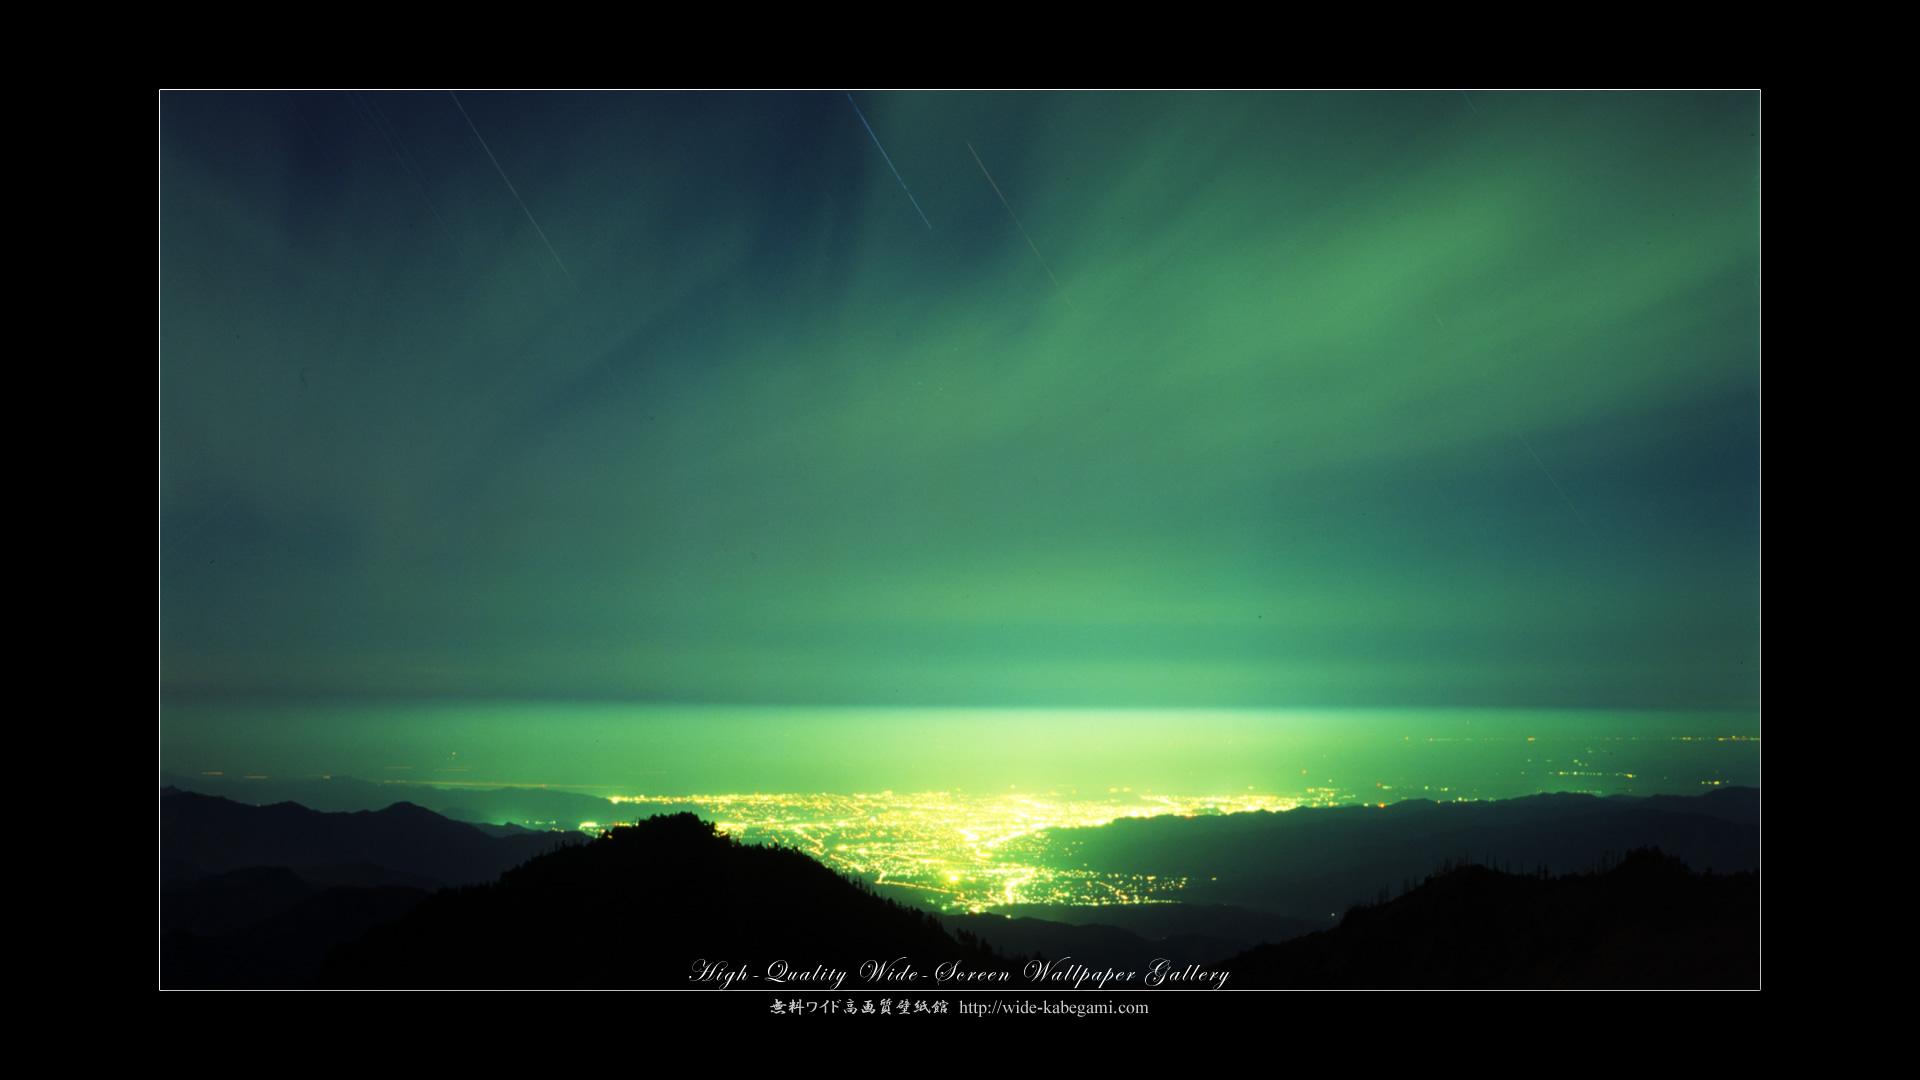 自然風景のワイド壁紙 1920x1080 山上からの夜景 無料ワイド高画質壁紙館